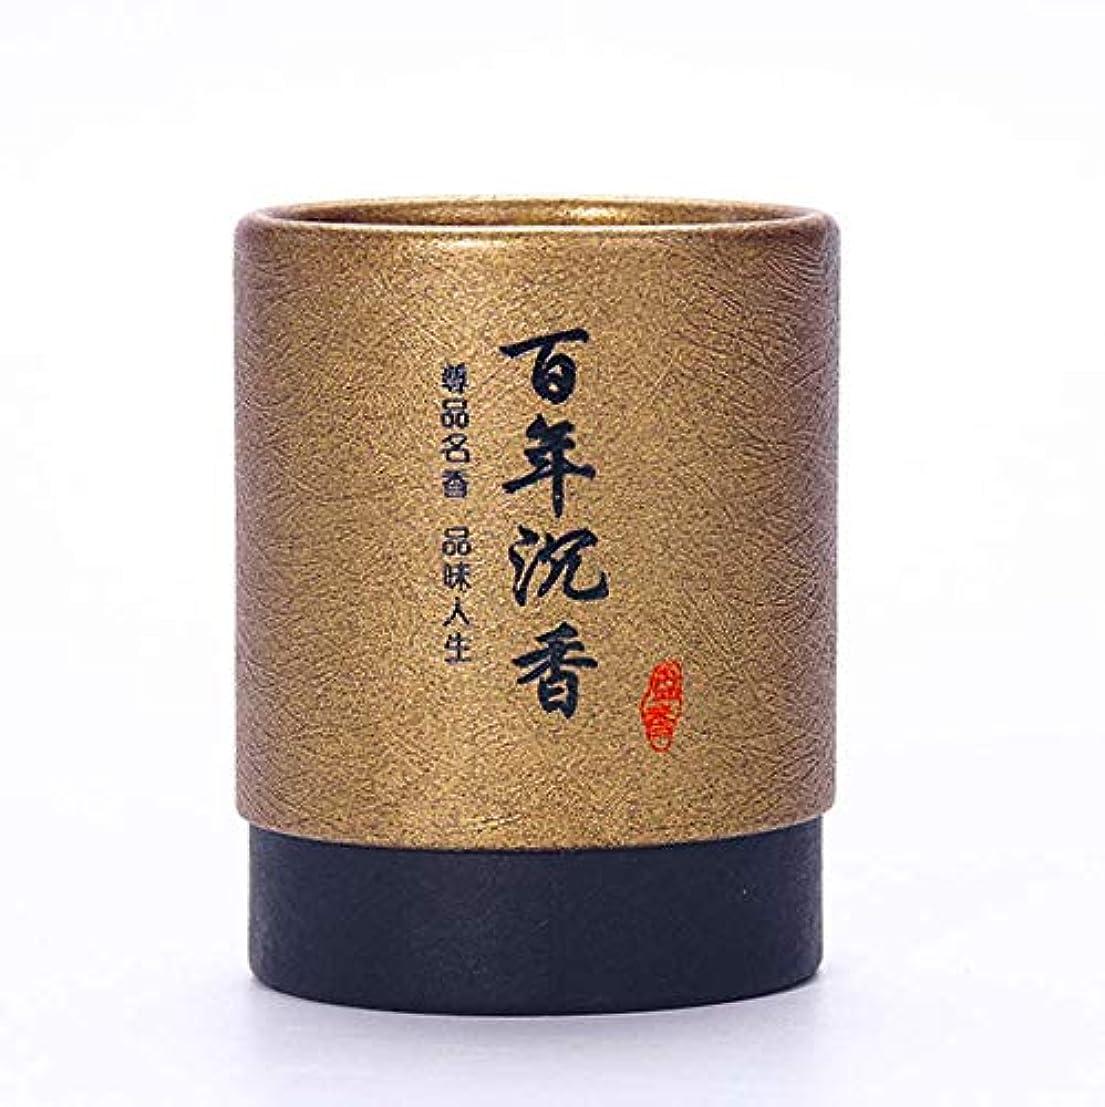 マウンド傾向肌HwaGui お香 2時間 盤香 渦巻き線香 優しい香り 48巻入 沉香(百年沈香)